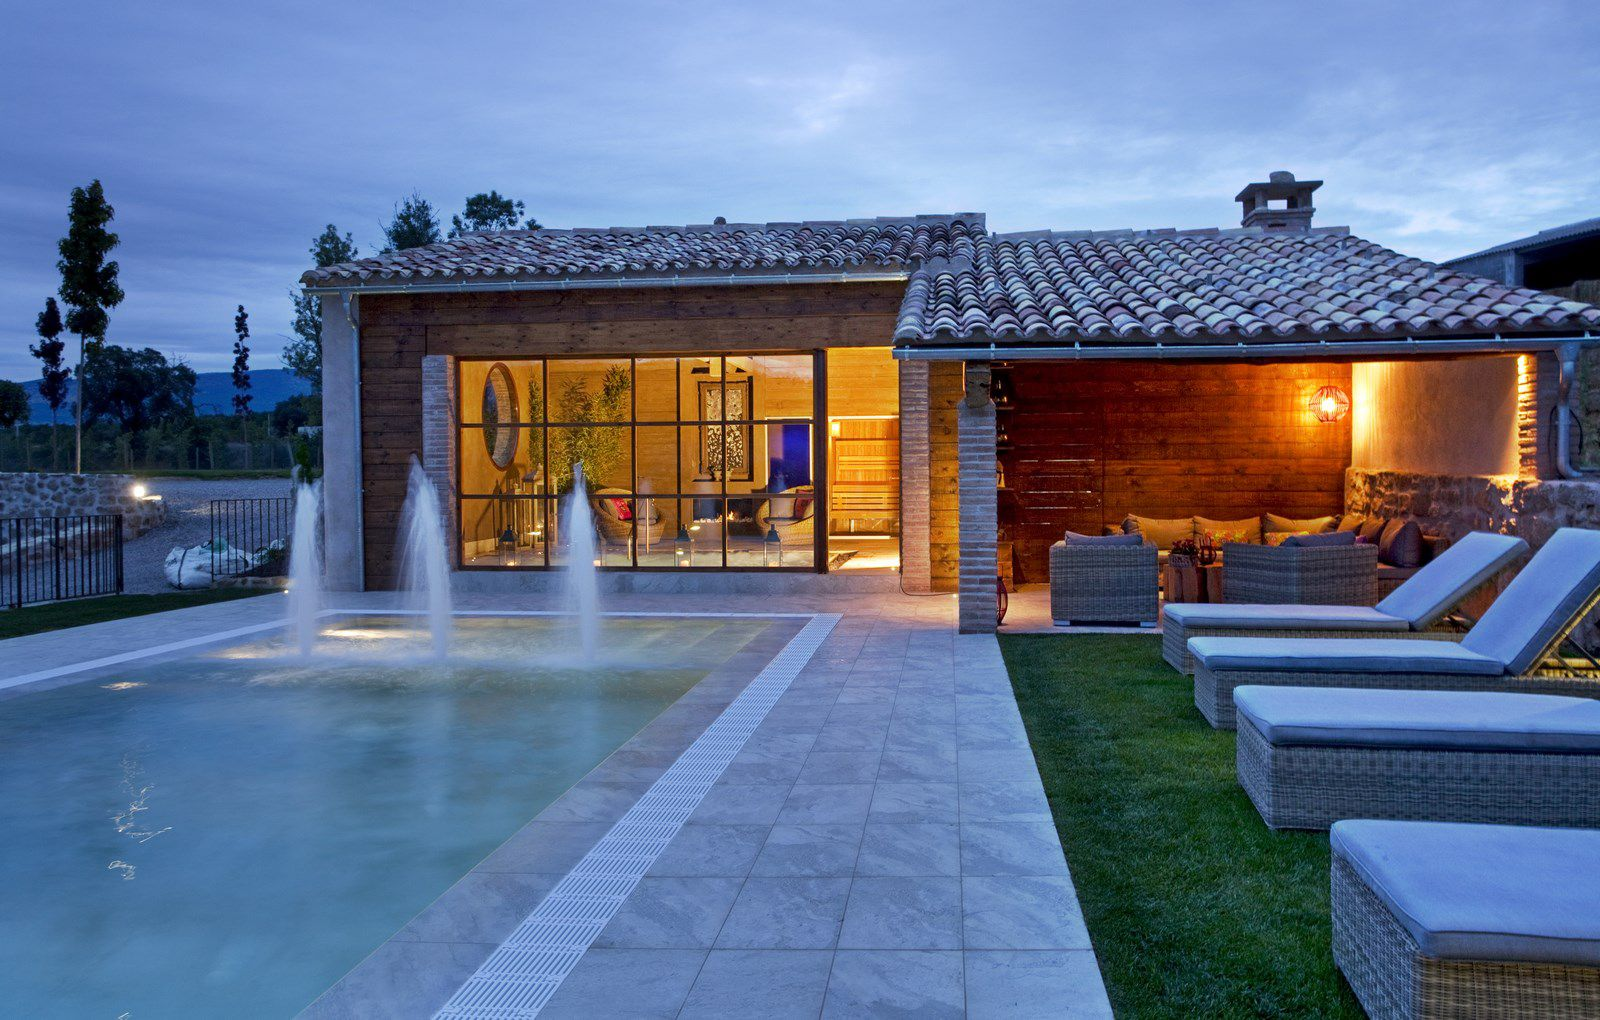 Casa rural con piscina cirera d 39 avall - Fotos de casas con piscina ...